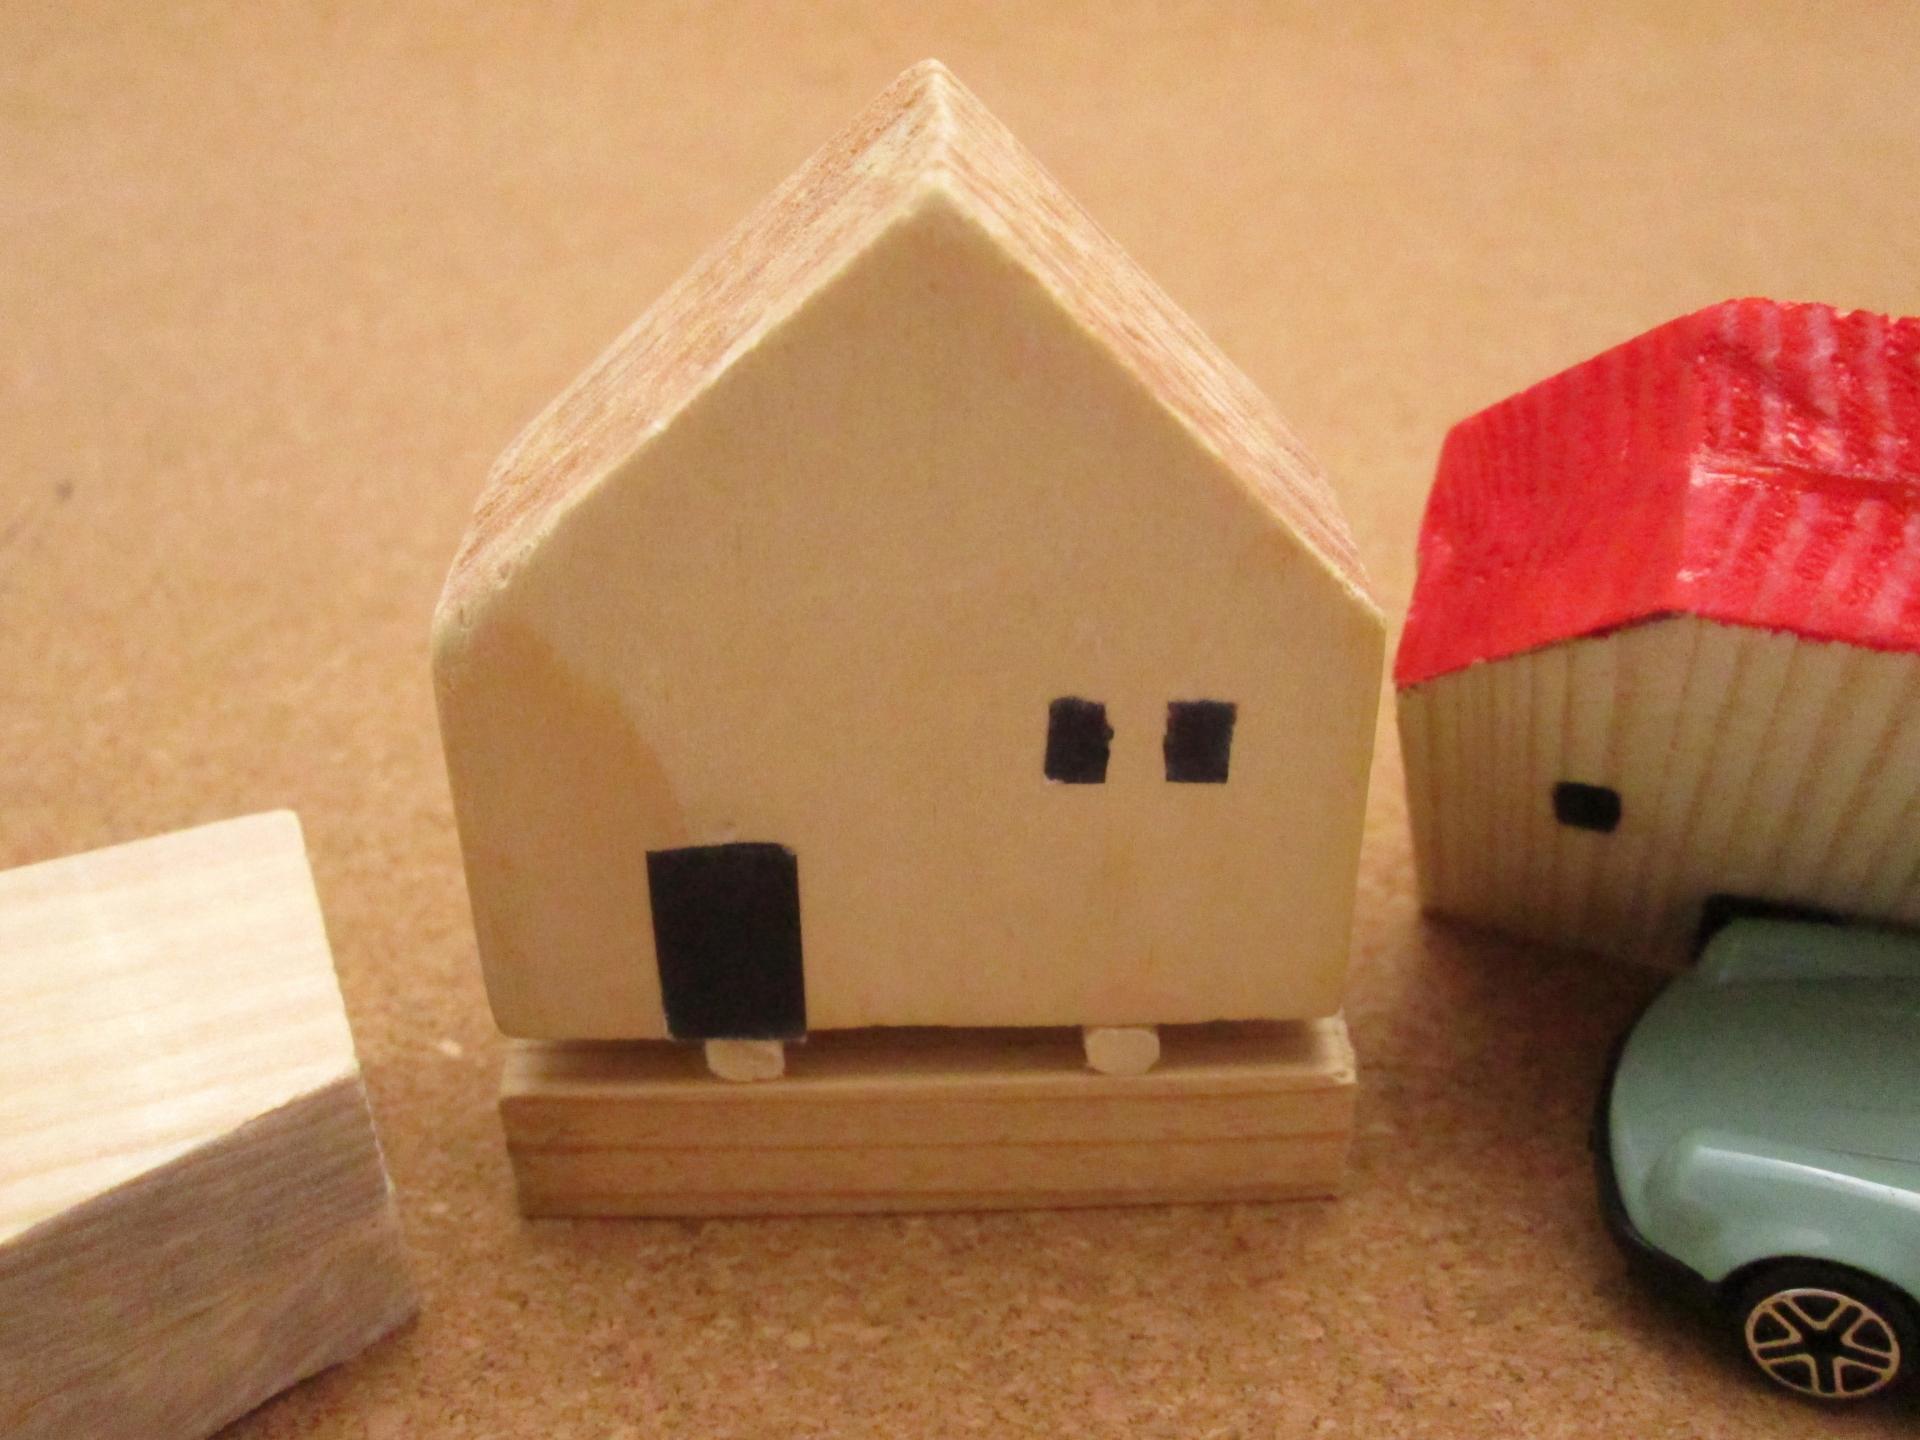 「揺れない家」に住みたい!